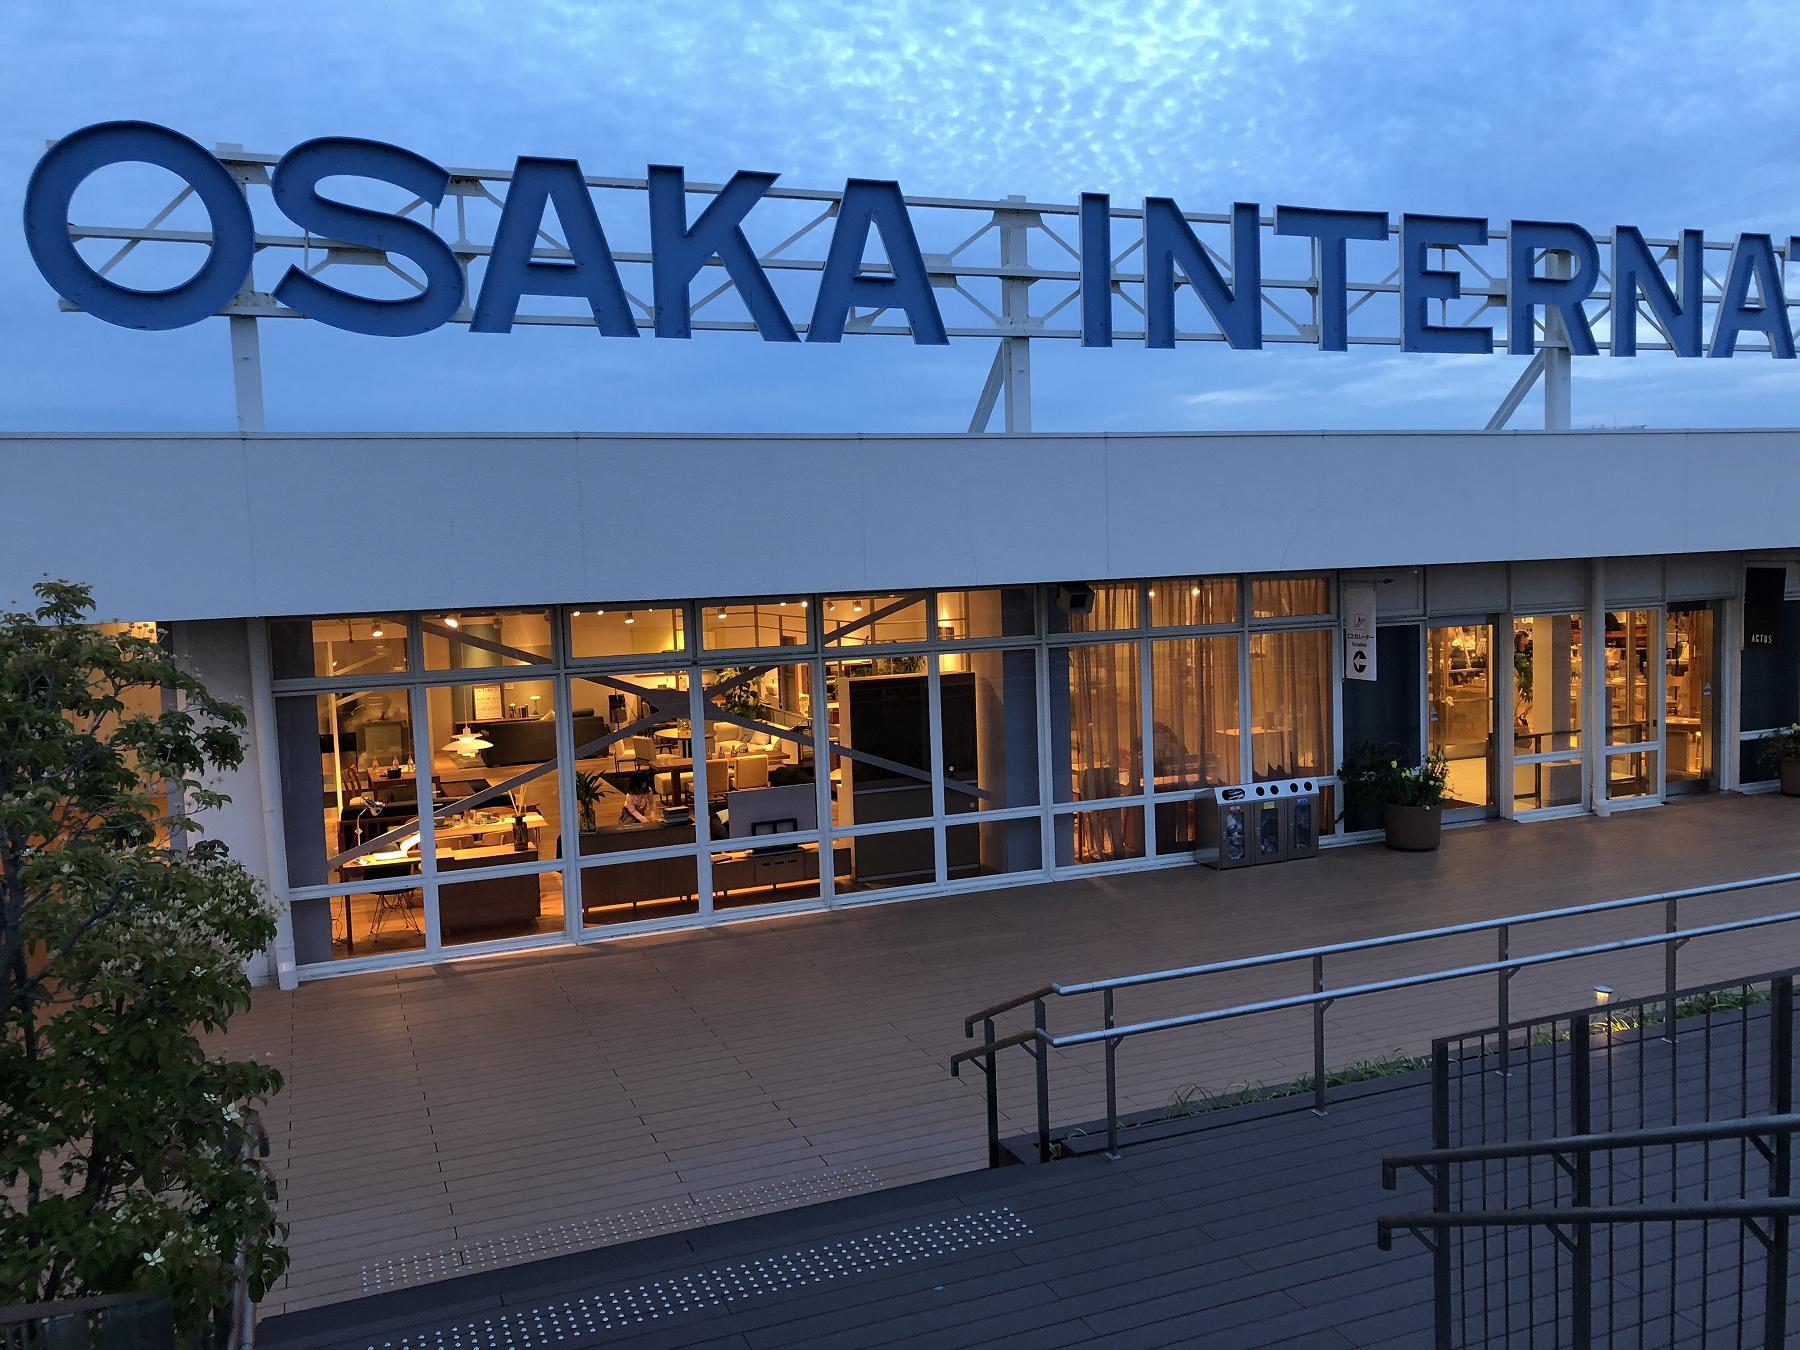 大阪国際空港(伊丹空港)がリニューアルしたので、立ち寄ってみた! #大阪国際空港 #伊丹空港 #リニューアルオープン